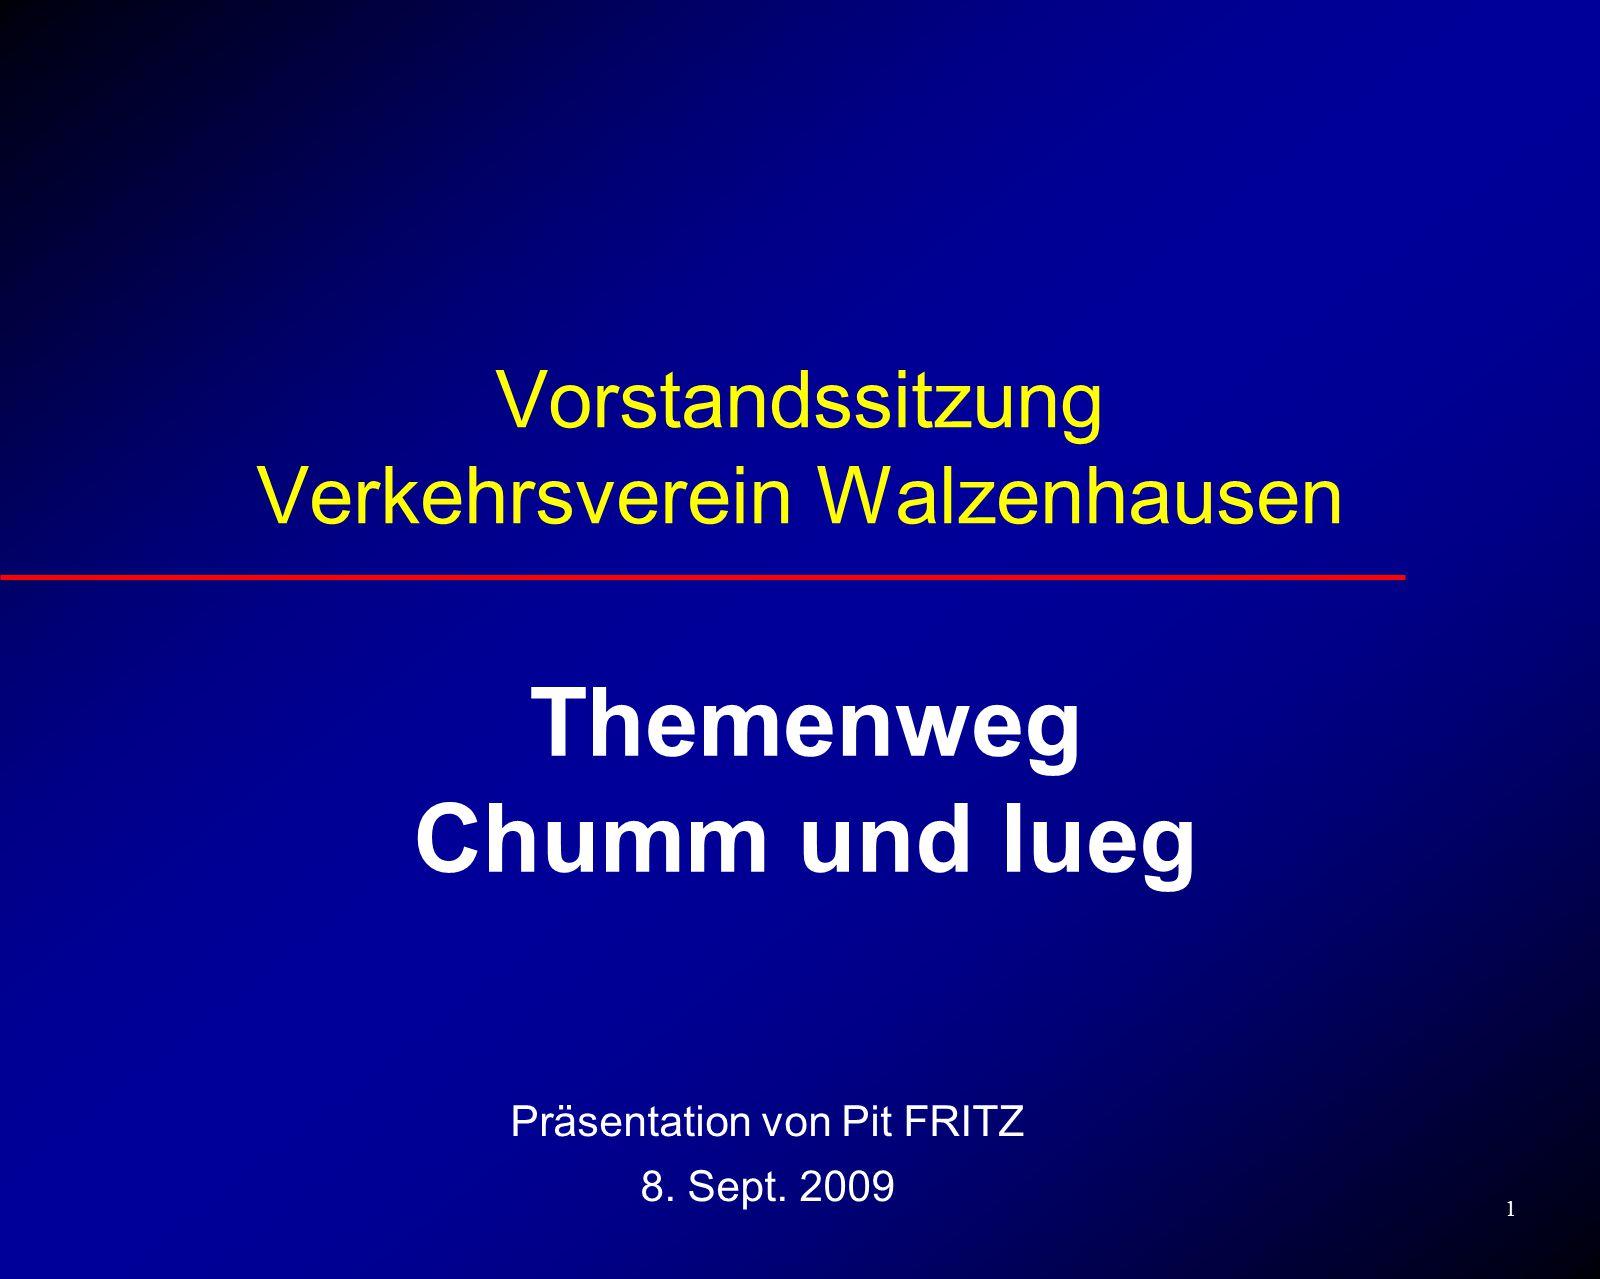 1 Vorstandssitzung Verkehrsverein Walzenhausen Themenweg Chumm und lueg Präsentation von Pit FRITZ 8.